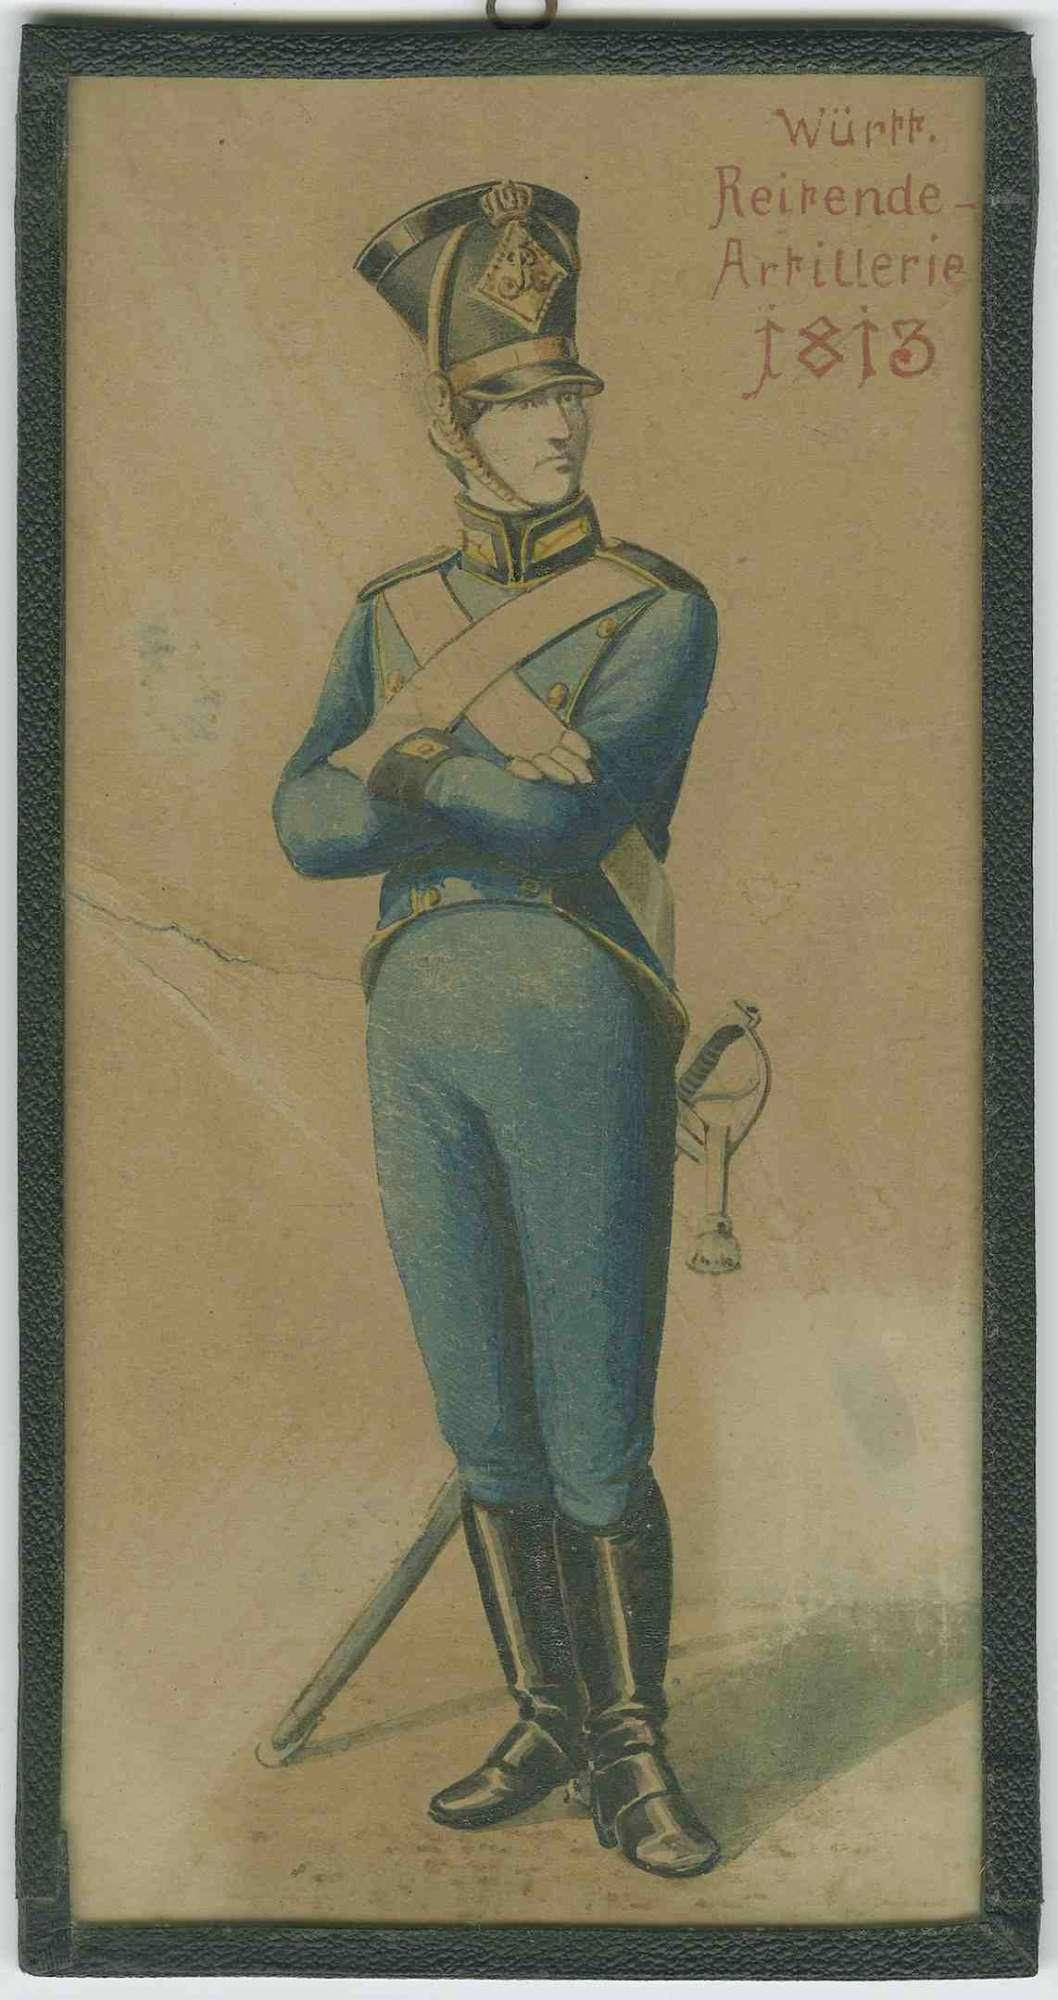 Soldat der Württ. Reitenden Artillerie 1813 in Uniform mit Mütze, Bild 1 [Quelle: Hauptstaatsarchiv Stuttgart] Soldat der Württ. Reitenden Artillerie 1813 in Uniform mit Mütze